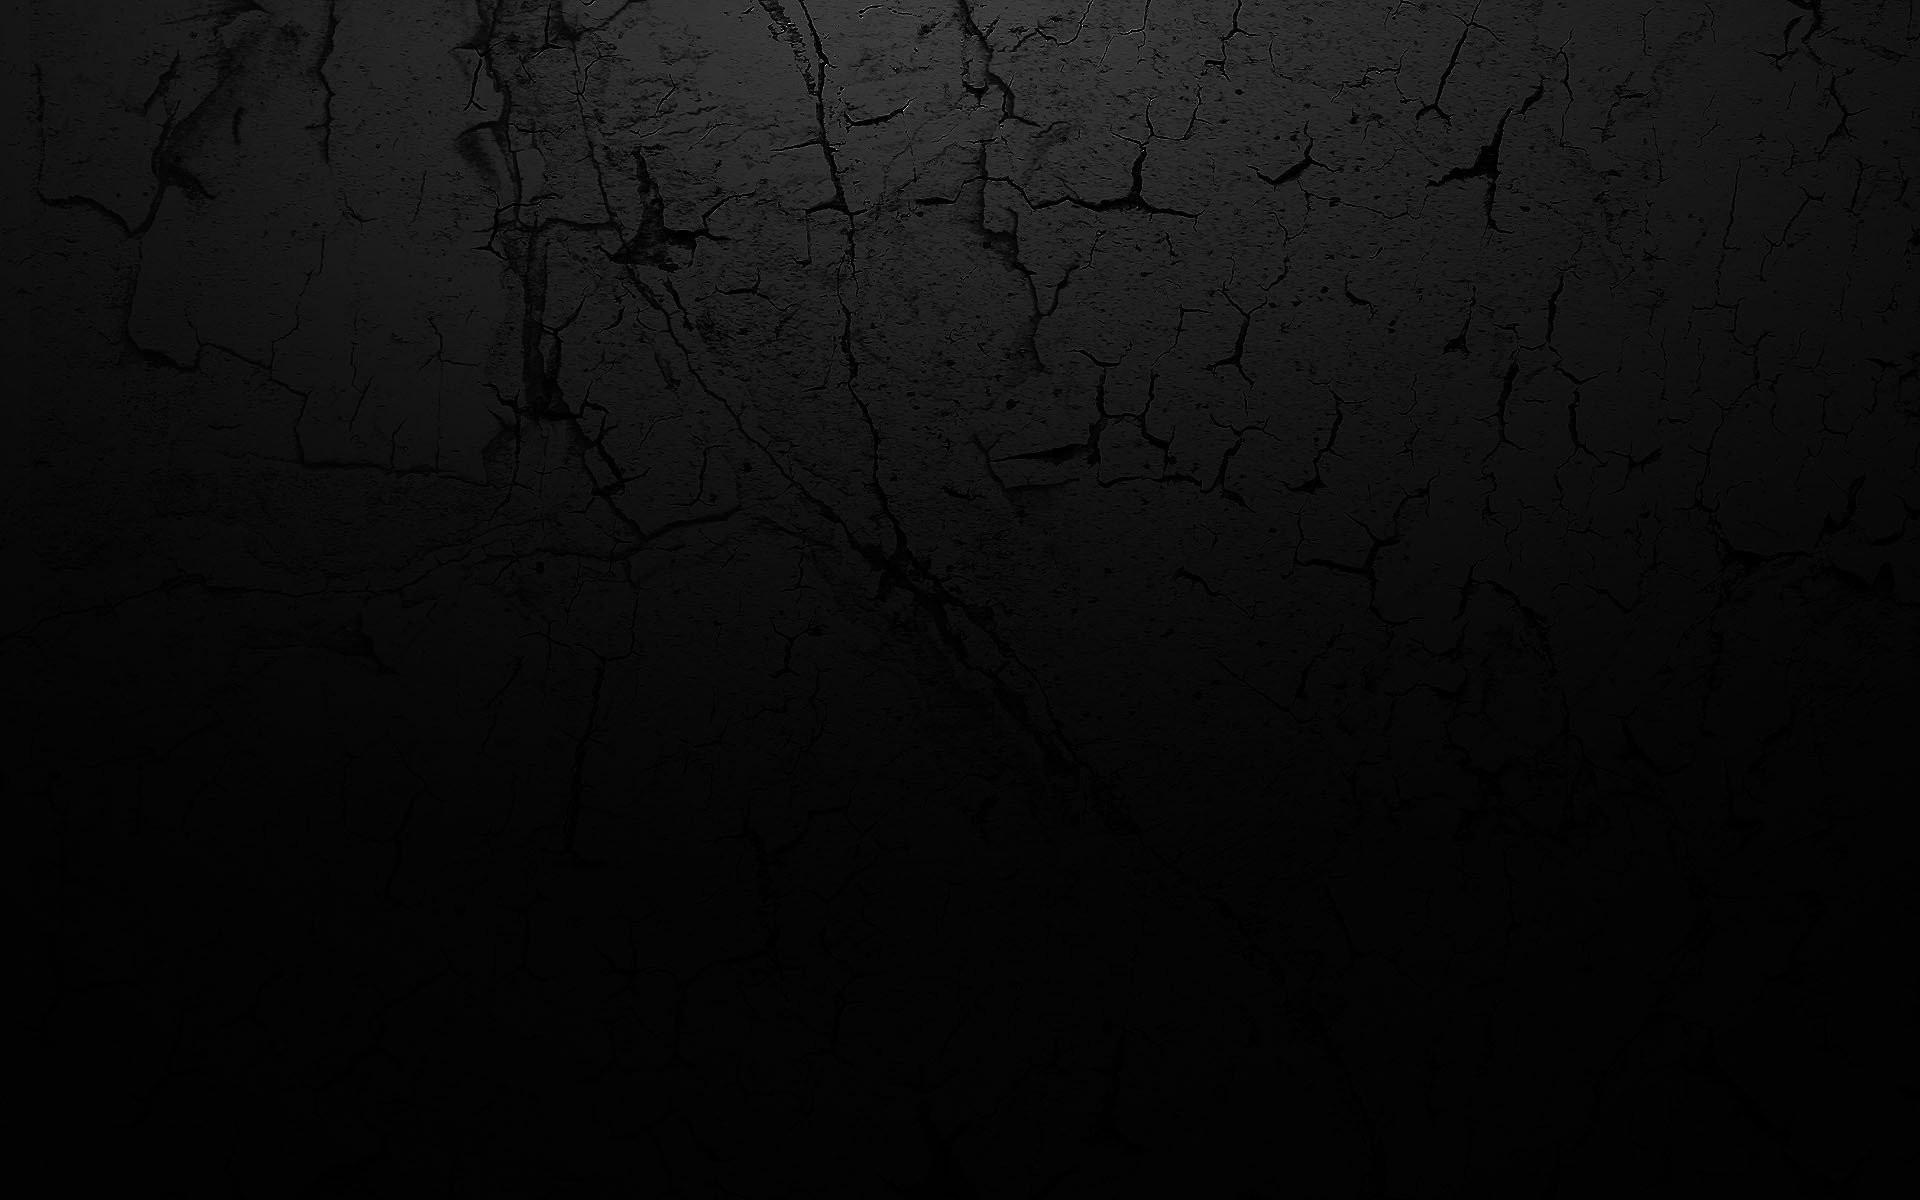 Blood Black Background